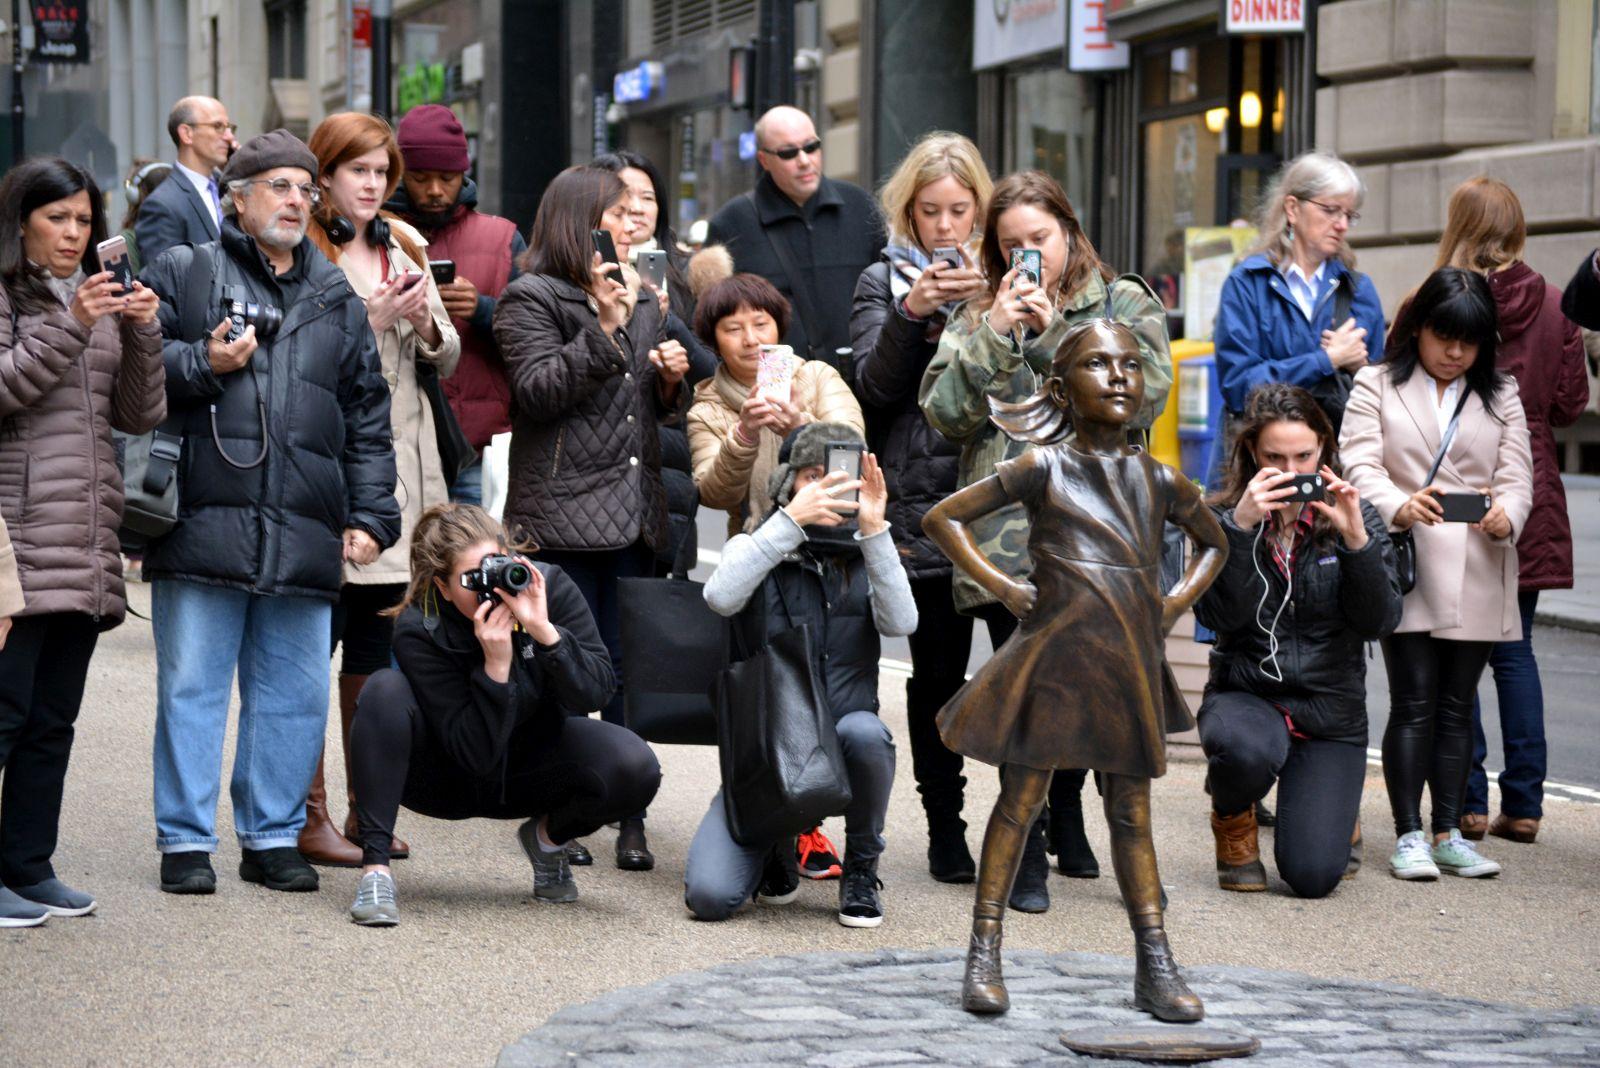 Breitbeinig, die Hände in die Hüften gestemmt, mit wehendem Kleid und Pferdeschwanz blickte sie für rund eineinhalb Jahre dem Bullen an der New Yorker Börse selbstbewusst entgegen. Nun erinnert nur noch eine Plakette an die umstrittene Bronzestatue.